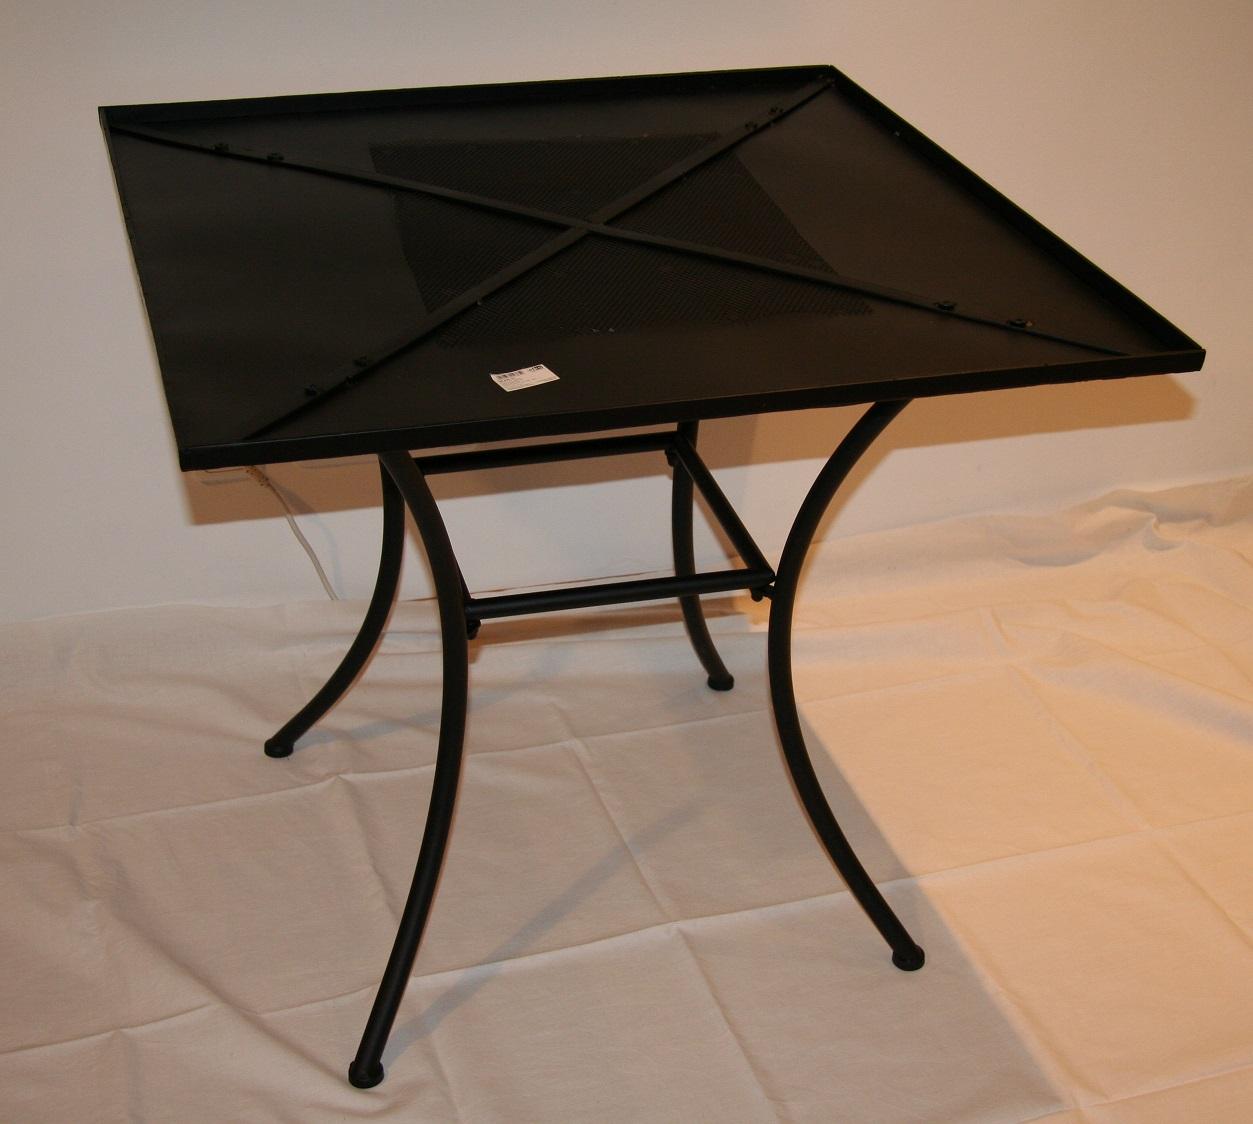 mosaik tisch eckig quadratisch 80x80 cm mosaiktisch. Black Bedroom Furniture Sets. Home Design Ideas